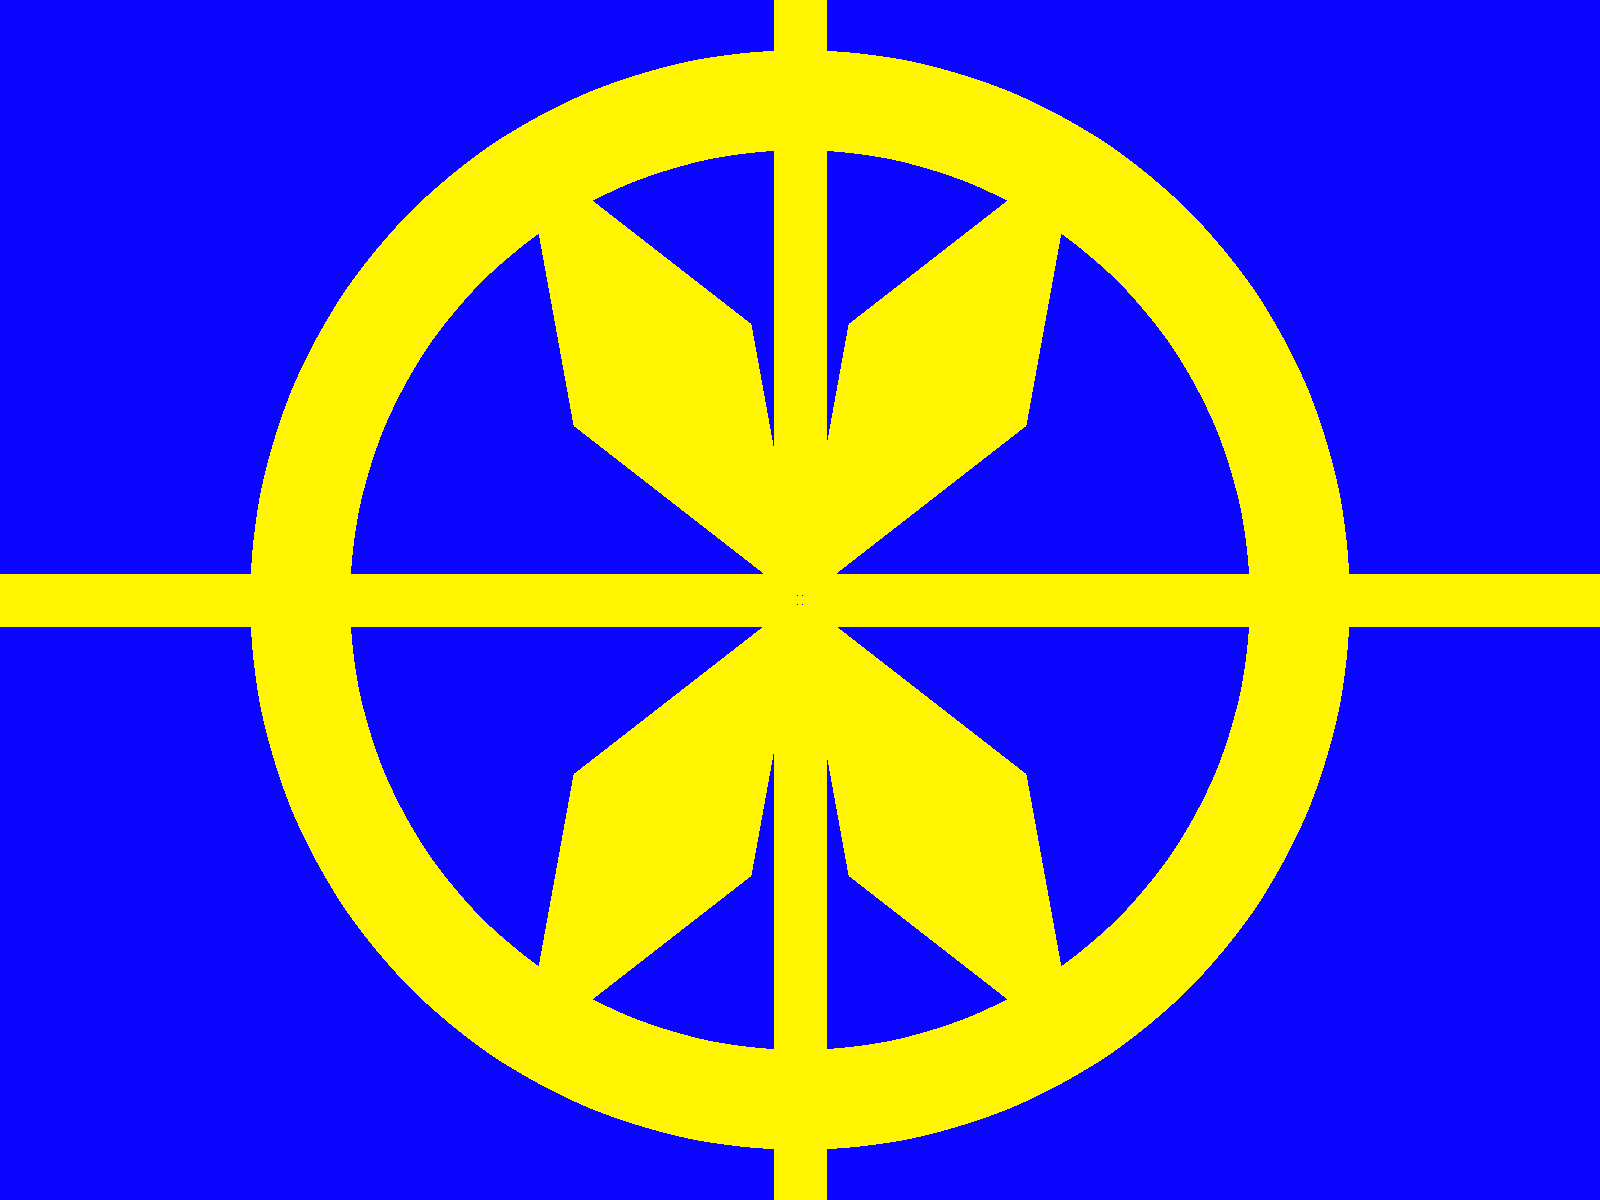 国旗正式版用(双子紋).jpg